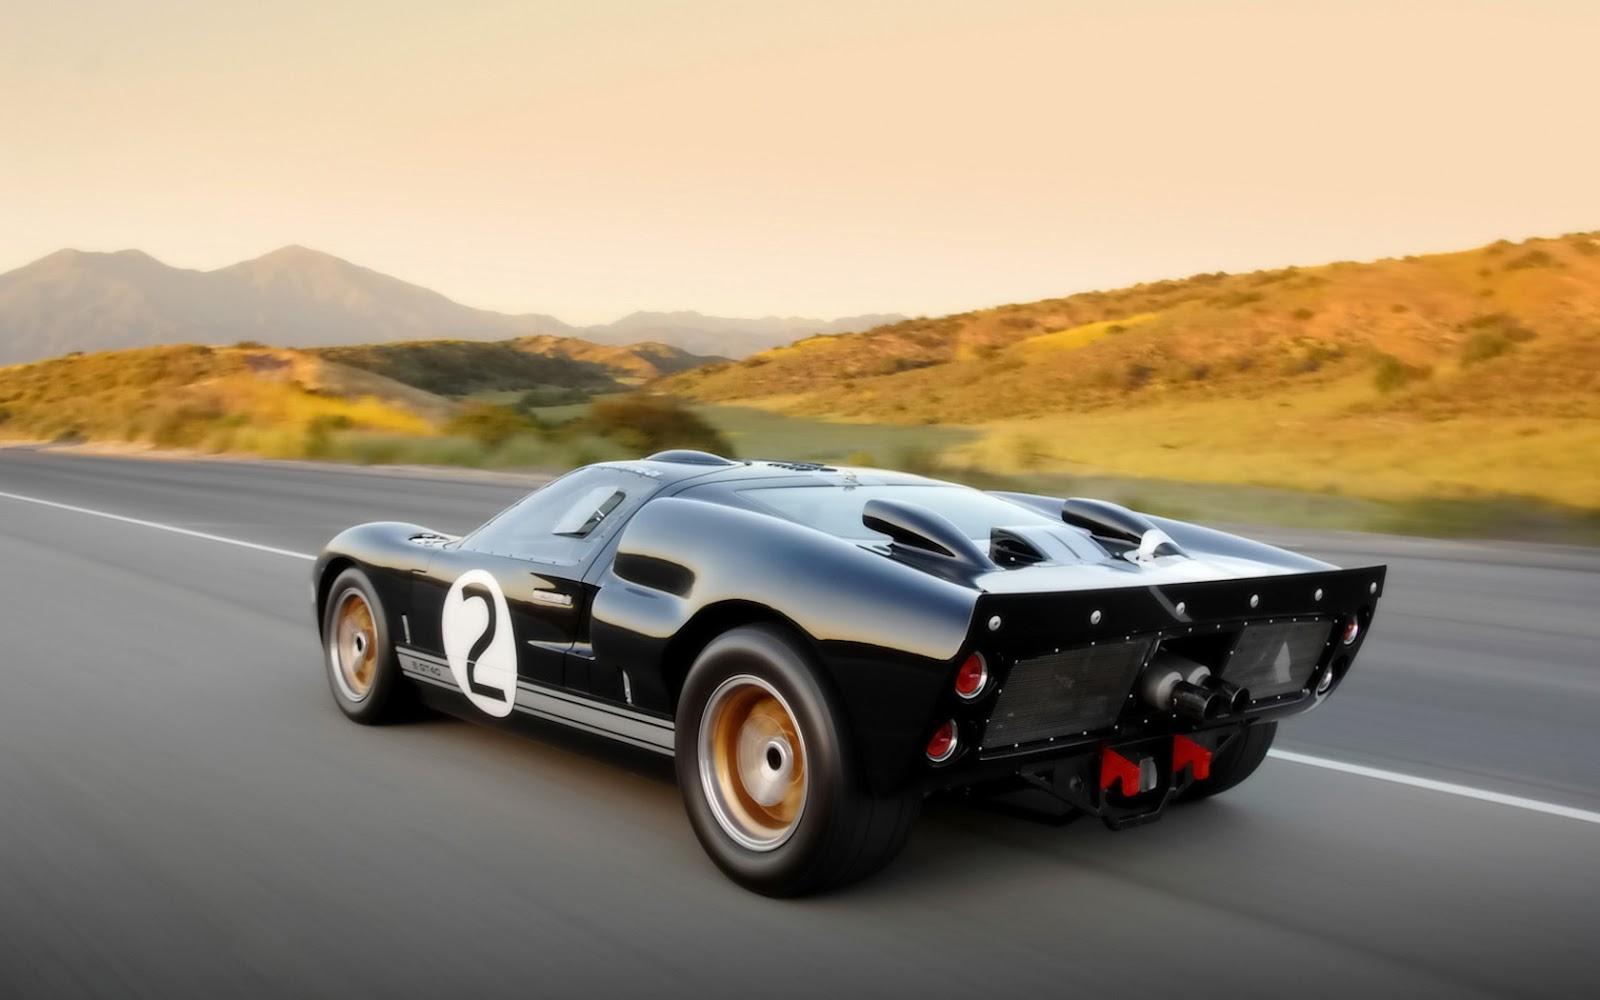 http://1.bp.blogspot.com/-kmdD95FFJac/UPh8Fp8kUEI/AAAAAAAAPKk/f4k5EdDCbBQ/s1600/modified_car-wide.jpg